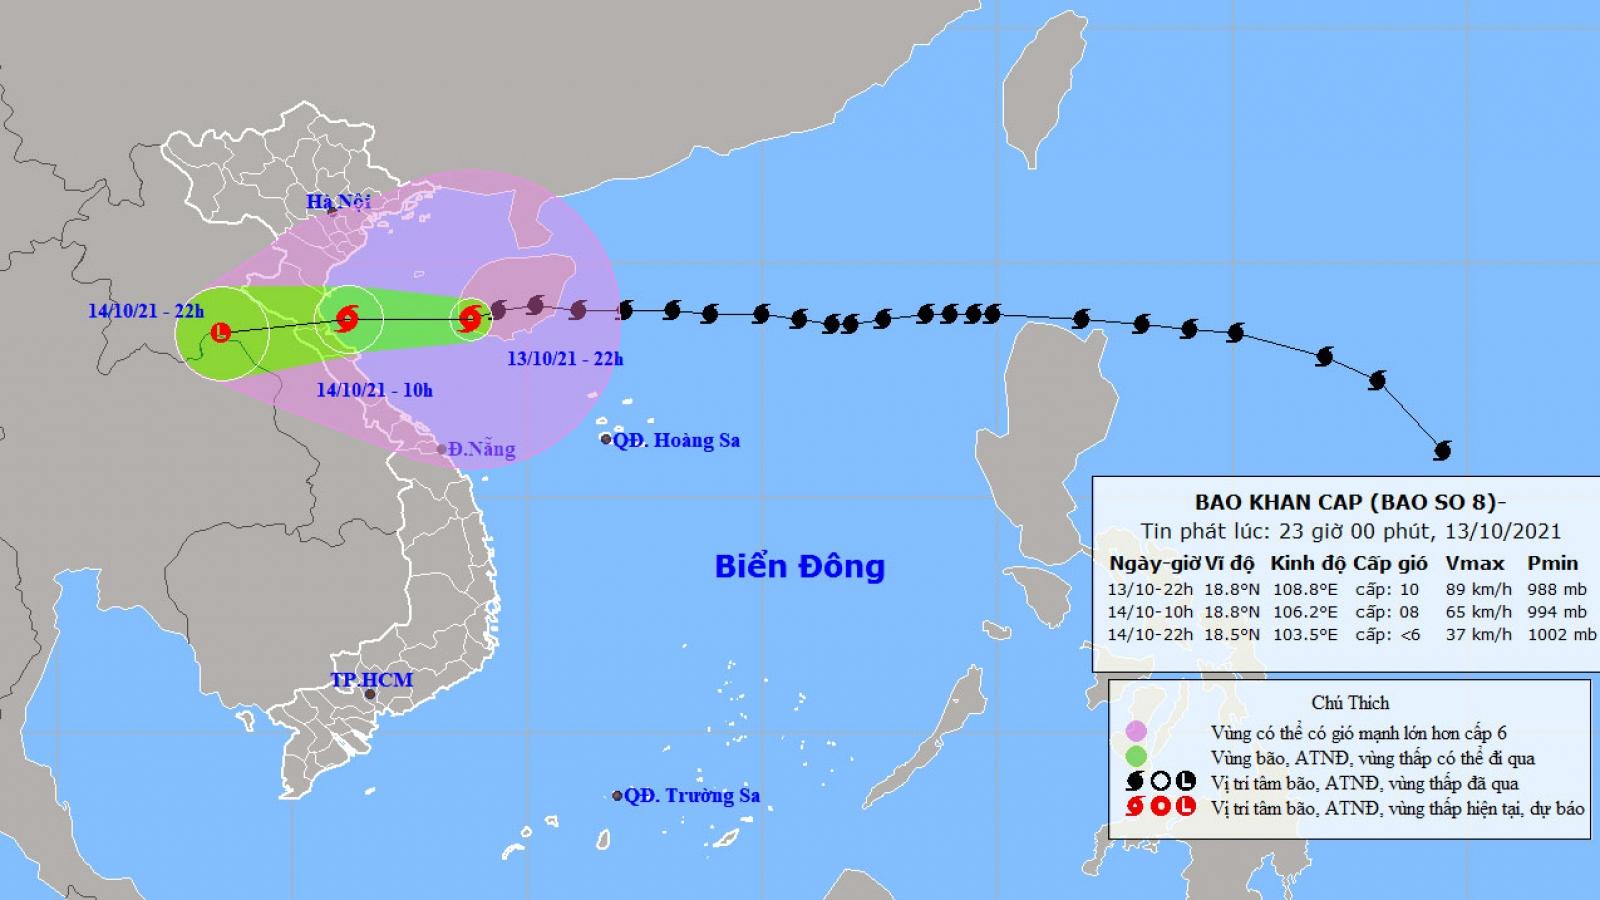 Ảnh hưởng của bão số 8, đảo Bạch Long Vĩ đã có gió mạnh cấp 9, giật cấp 11